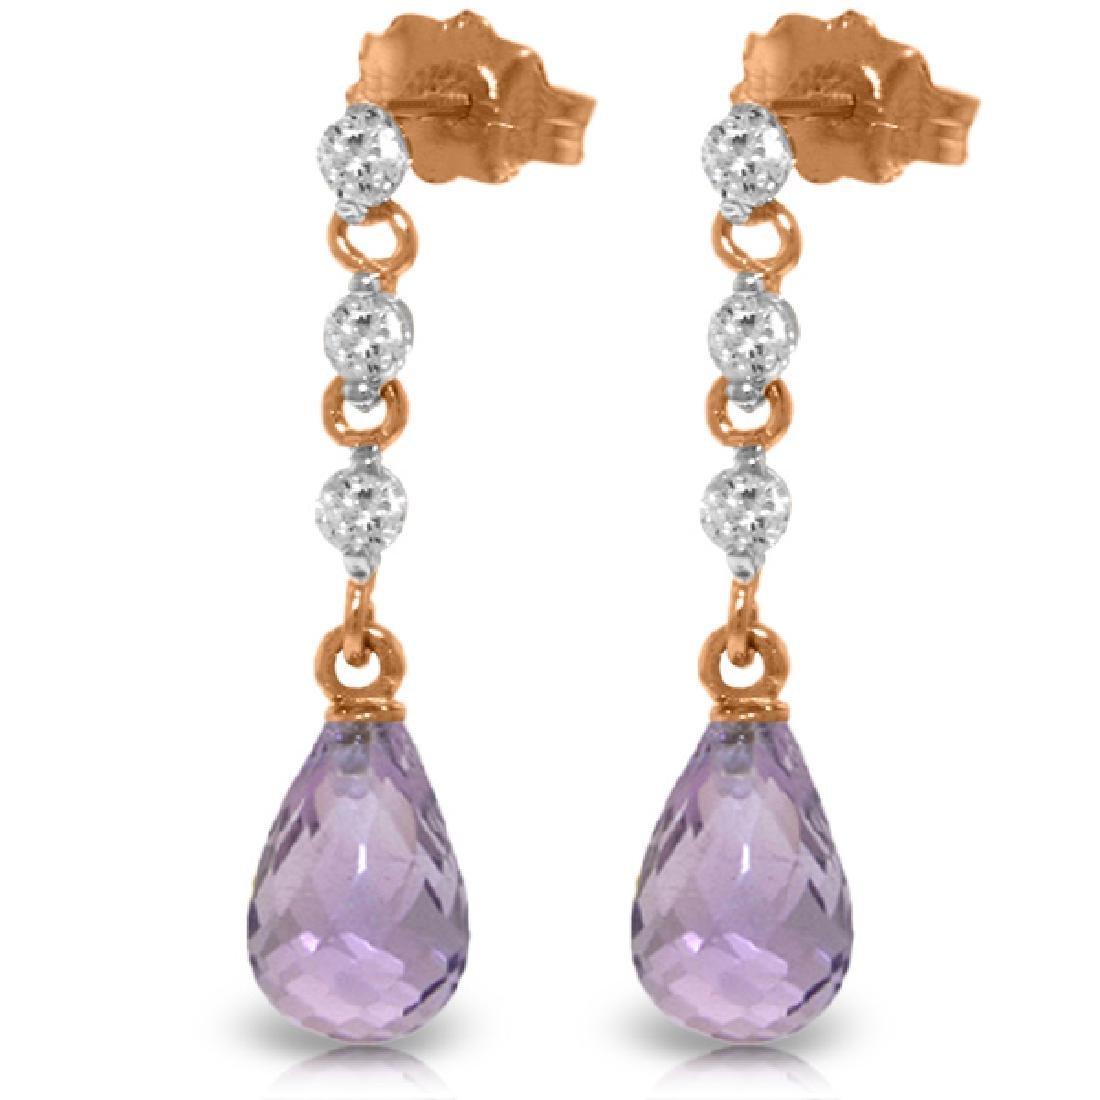 Genuine 3.3 ctw Amethyst & Diamond Earrings Jewelry